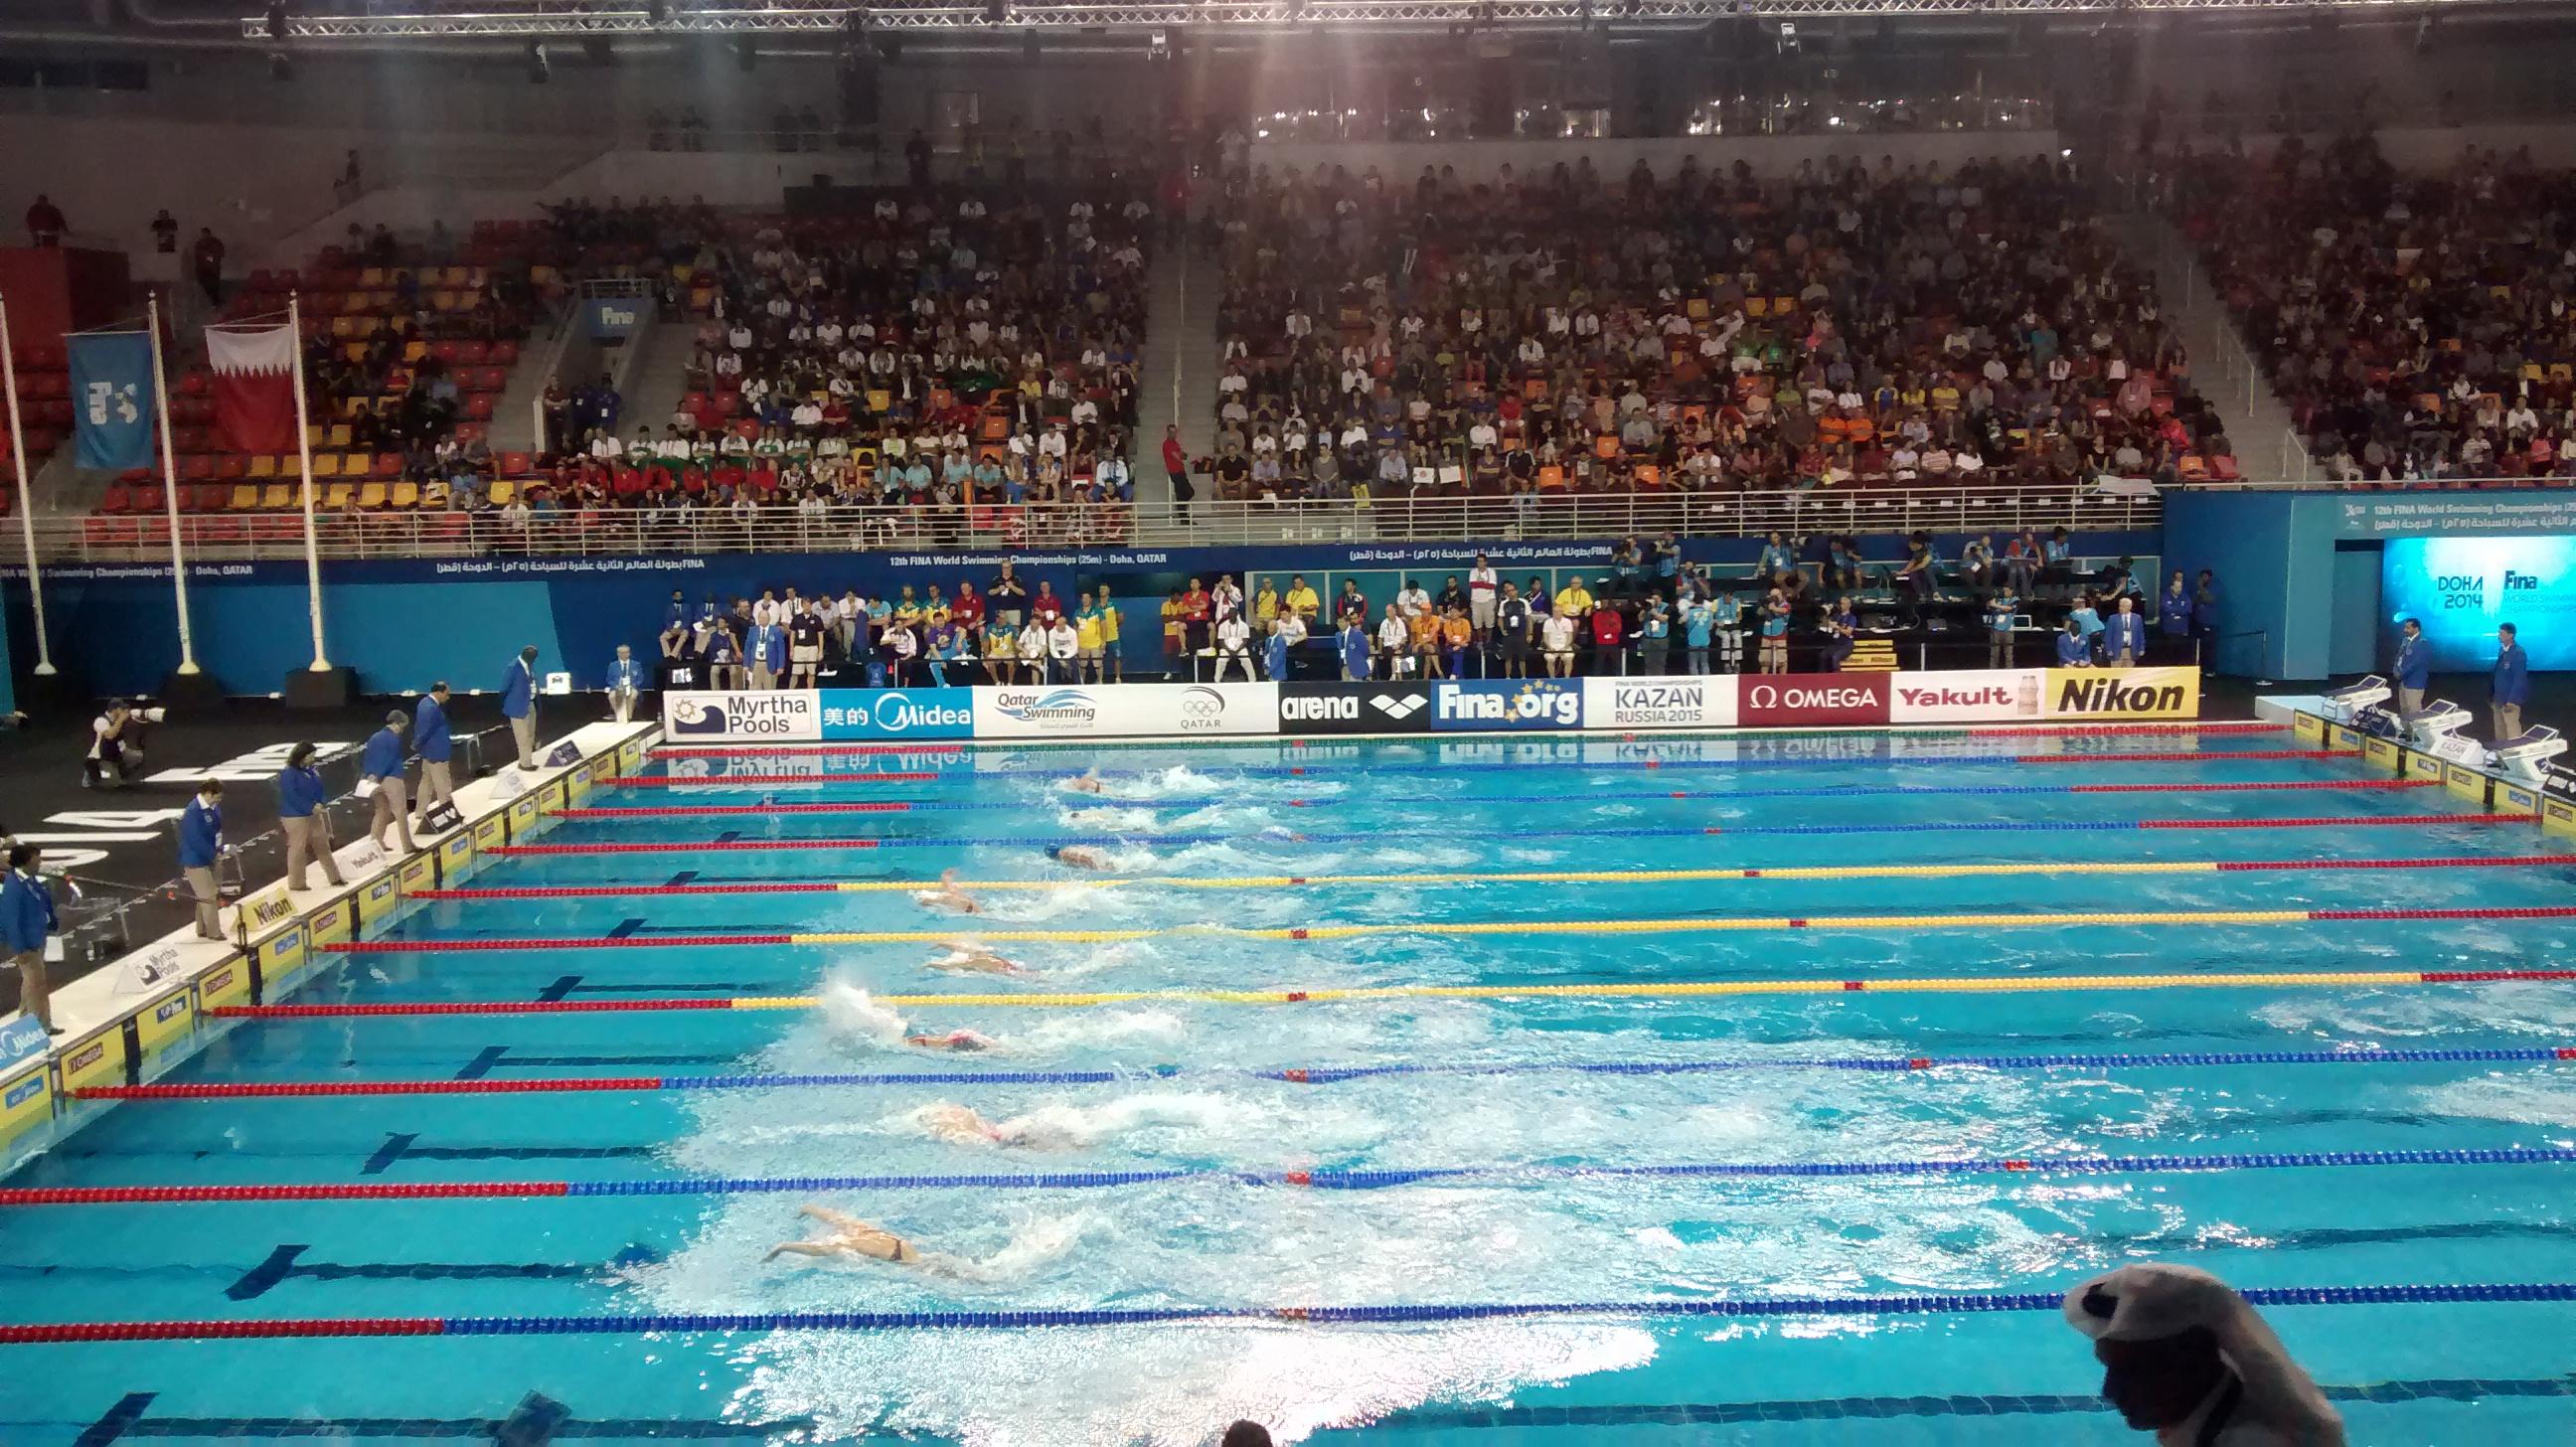 championnat du monde natation 2017